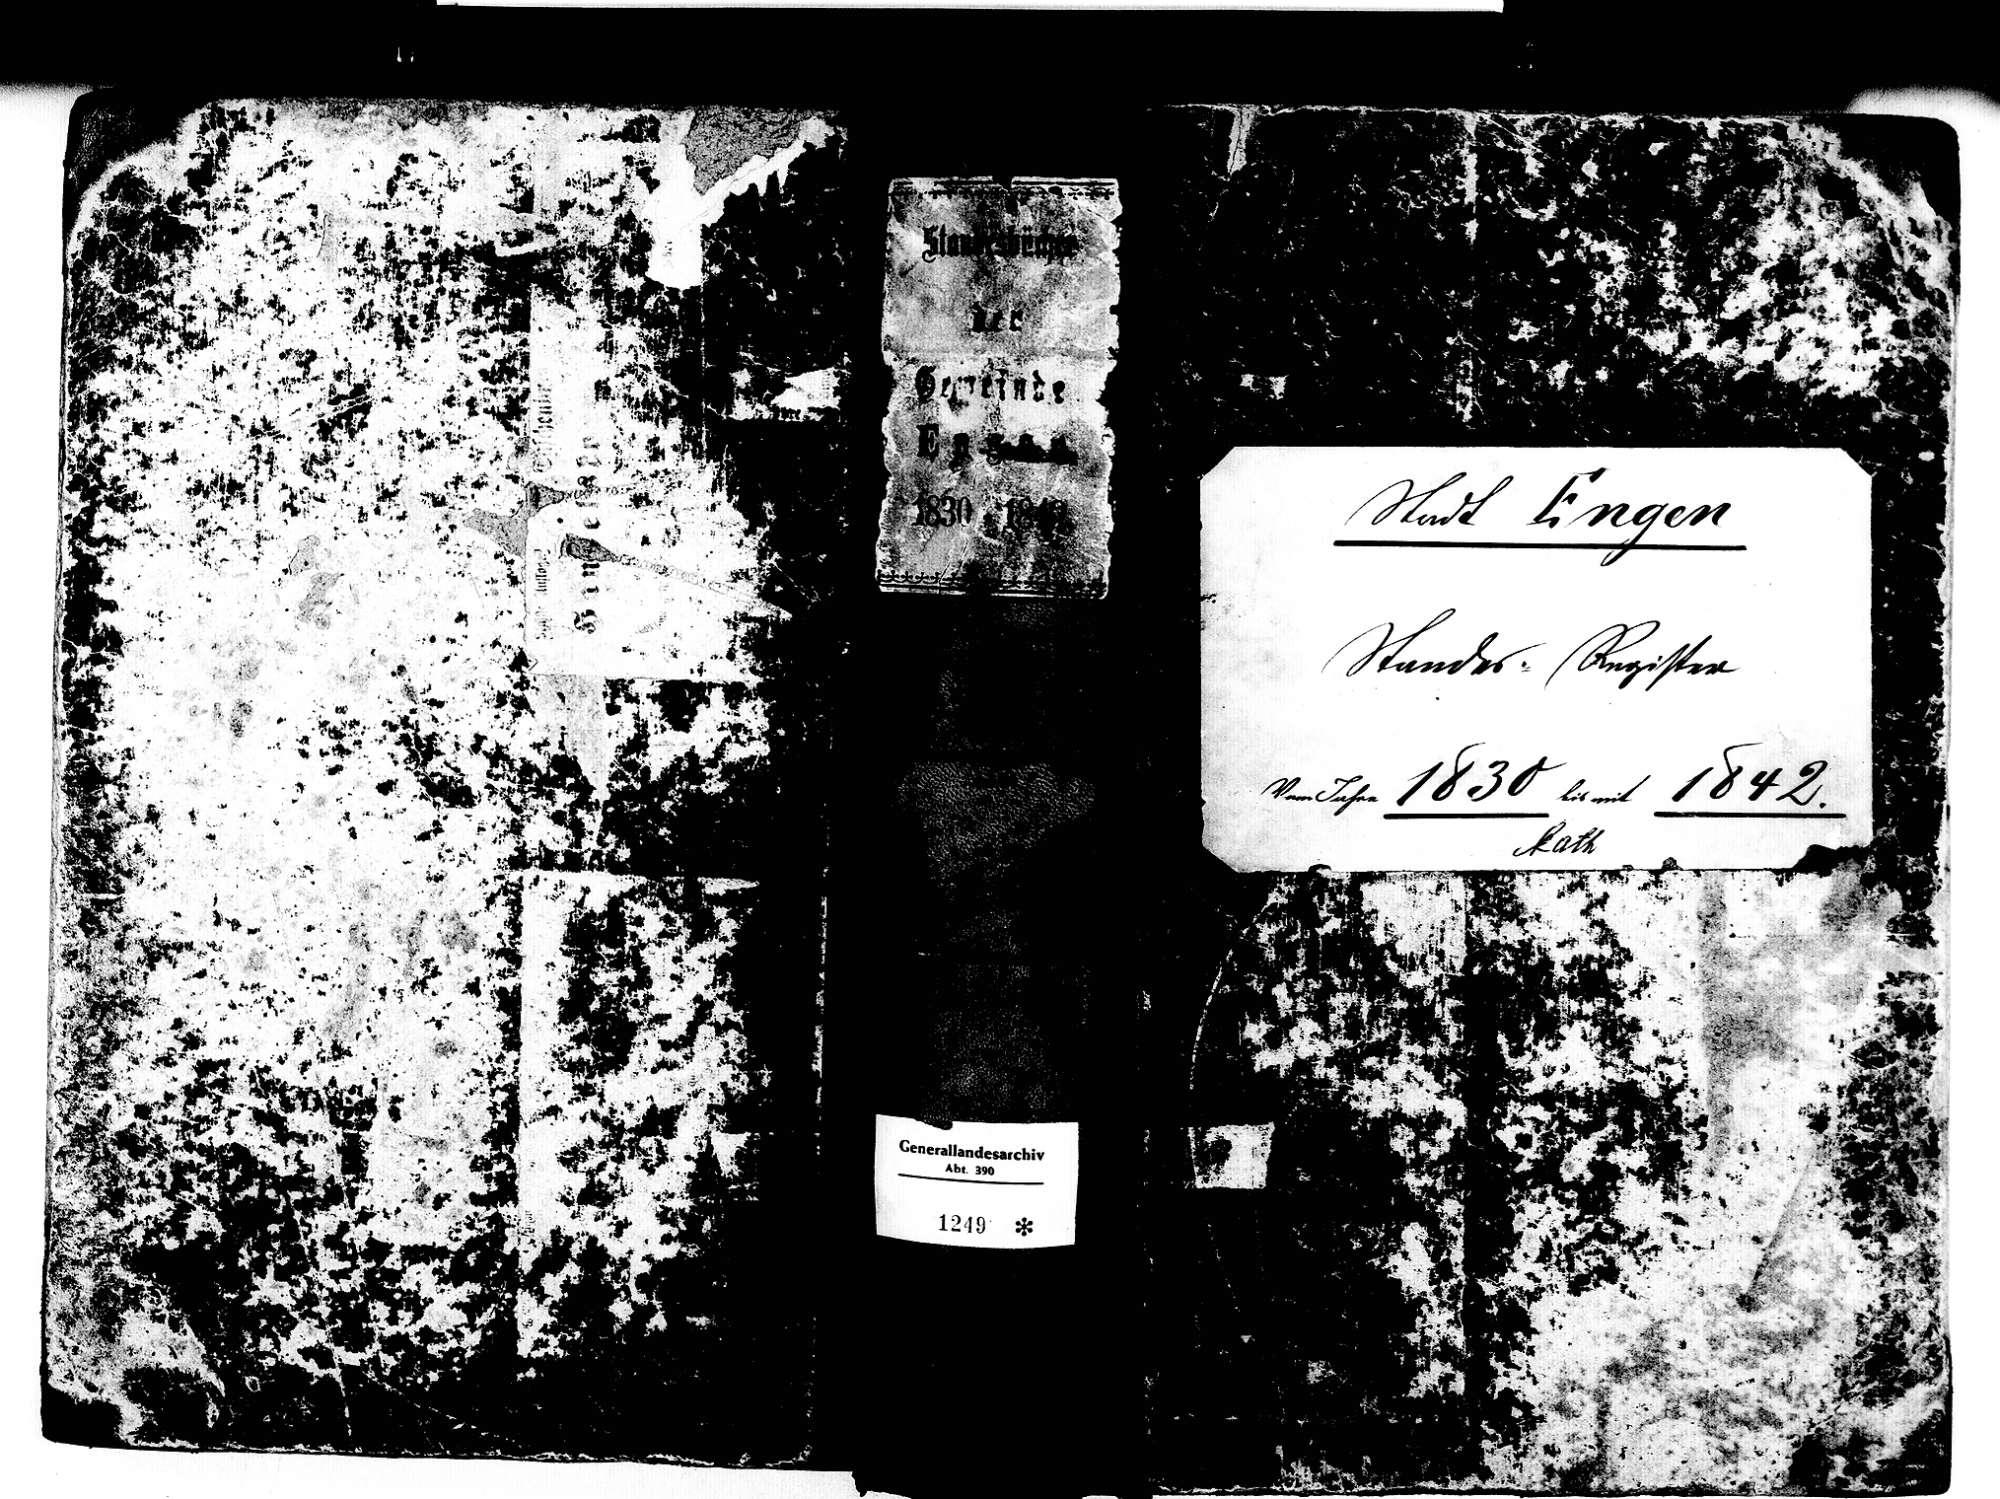 Engen KN; Katholische Gemeinde: Standesbuch 1830-1842, Bild 1